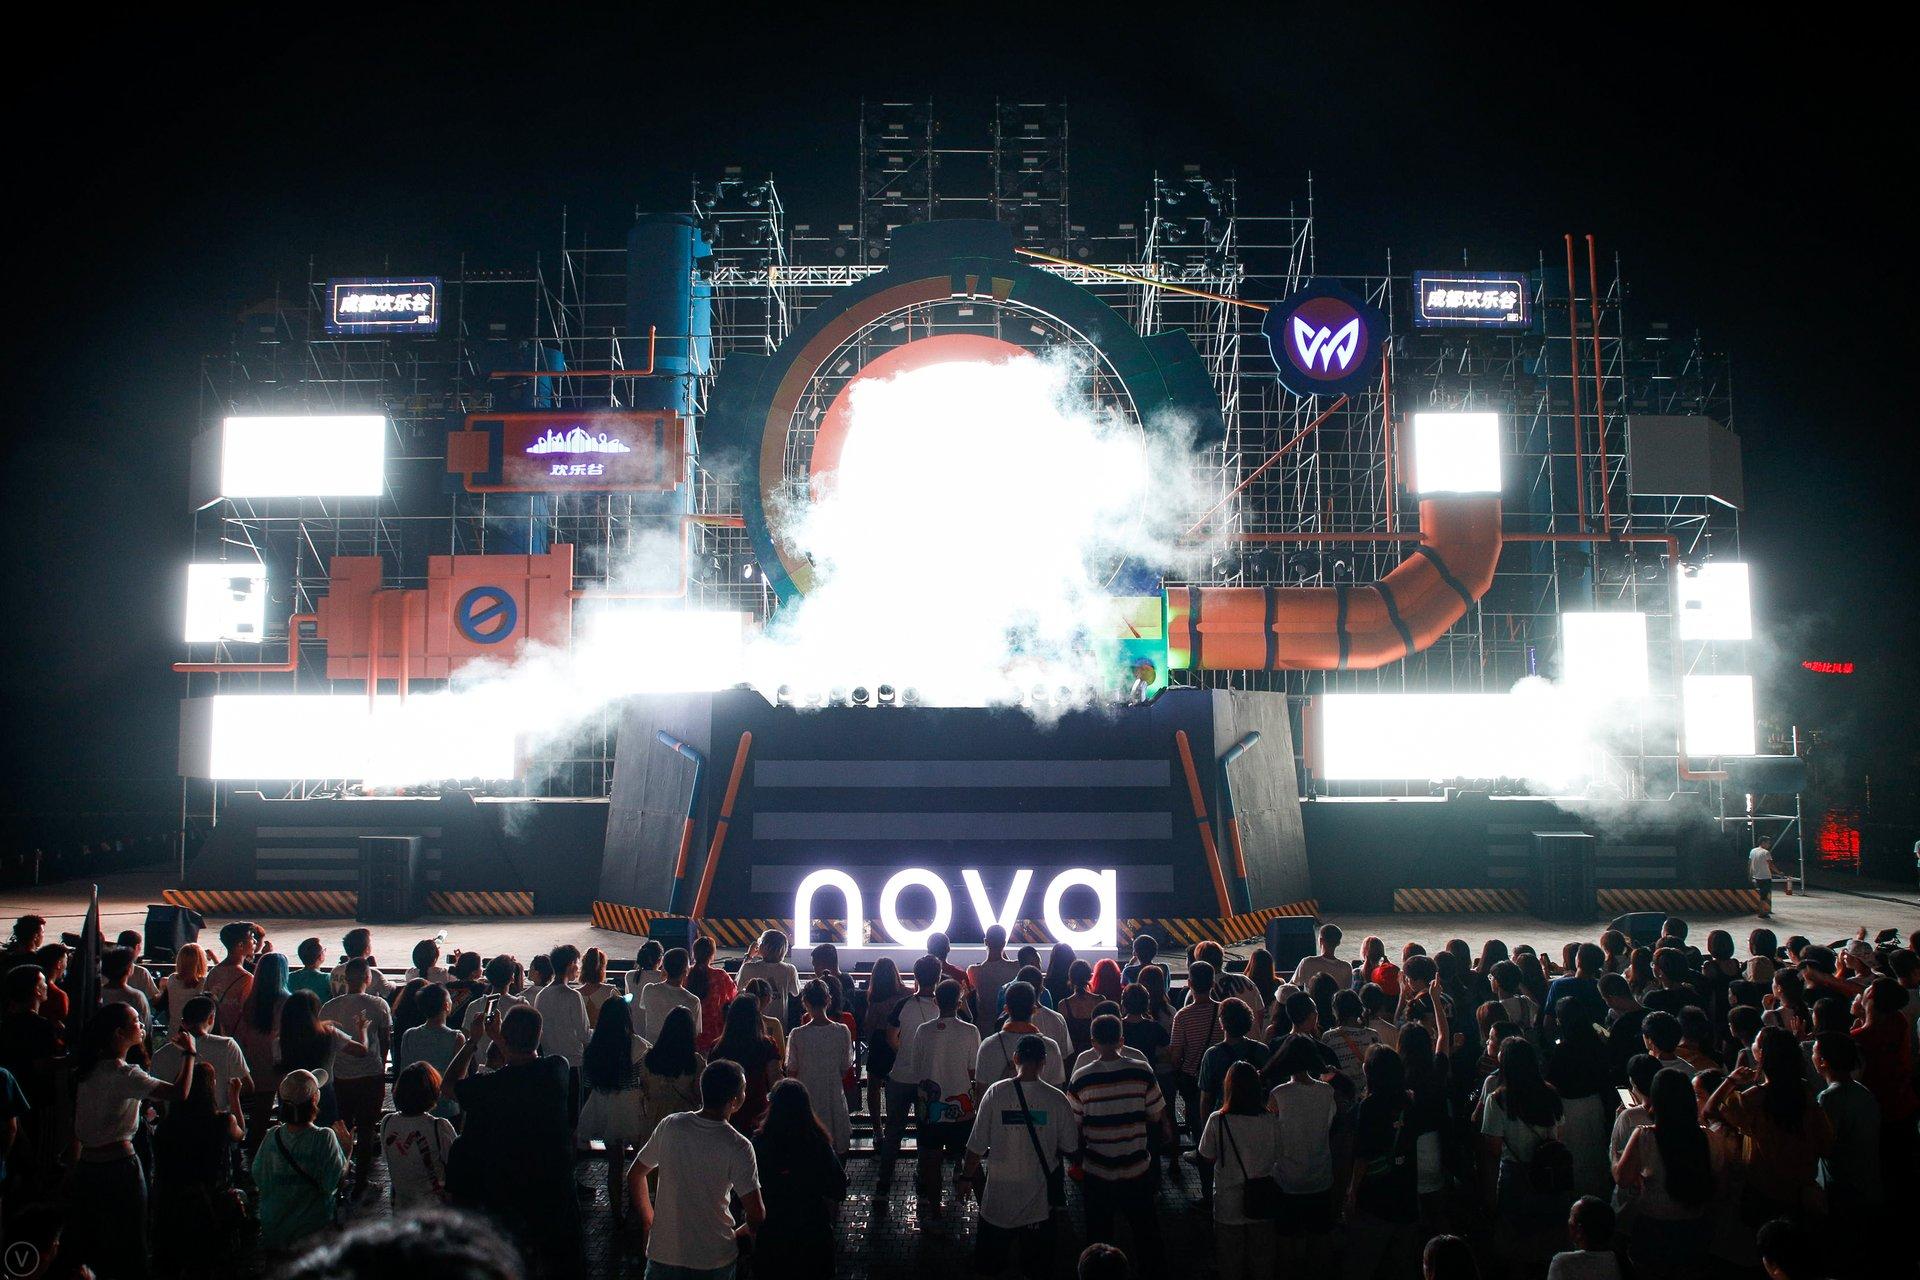 nova掀起夜拍新浪潮,nova游乐园成新地标